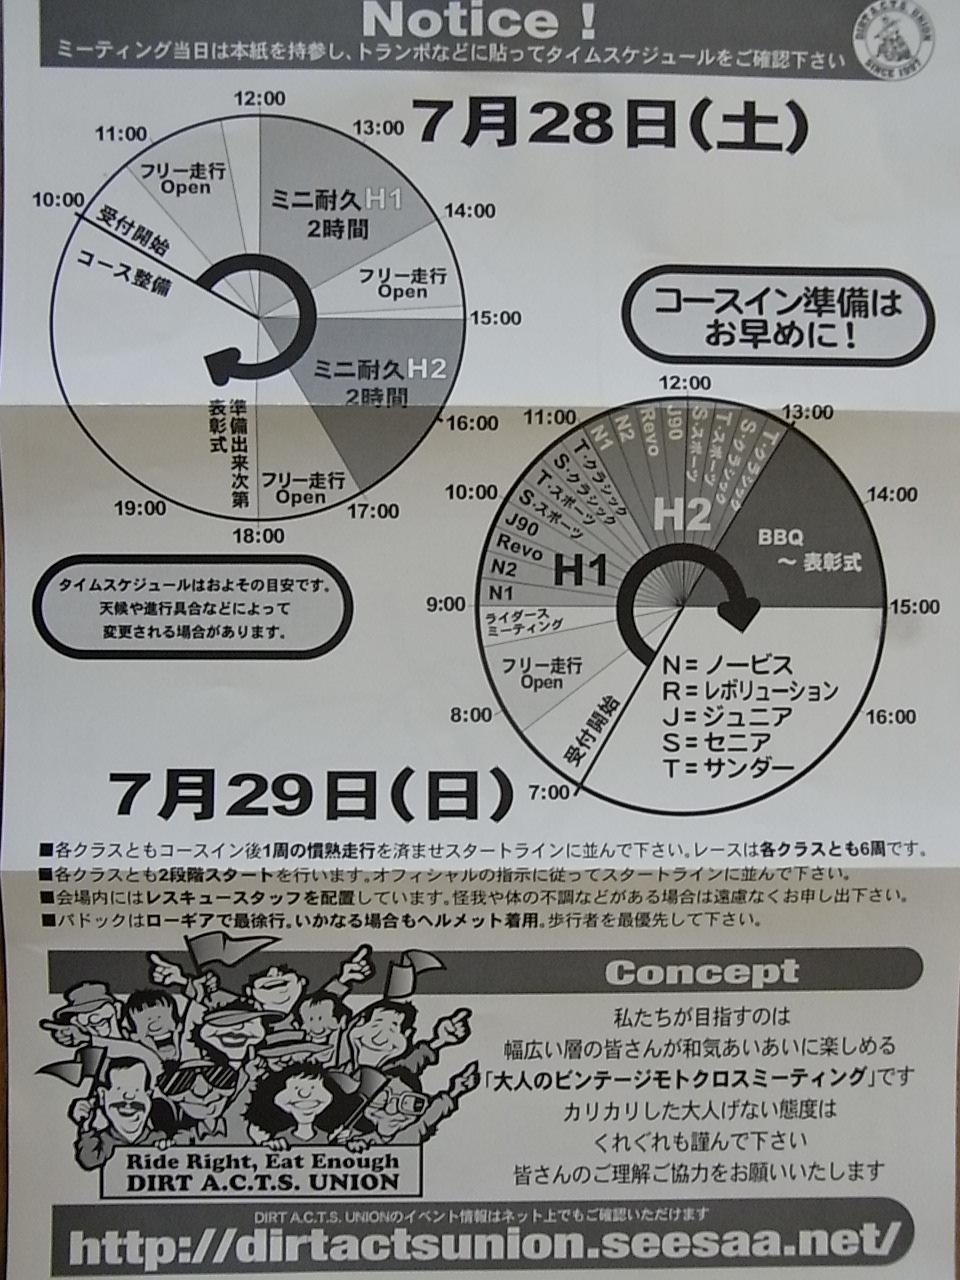 RIMG2964.JPG 960×1280 362K